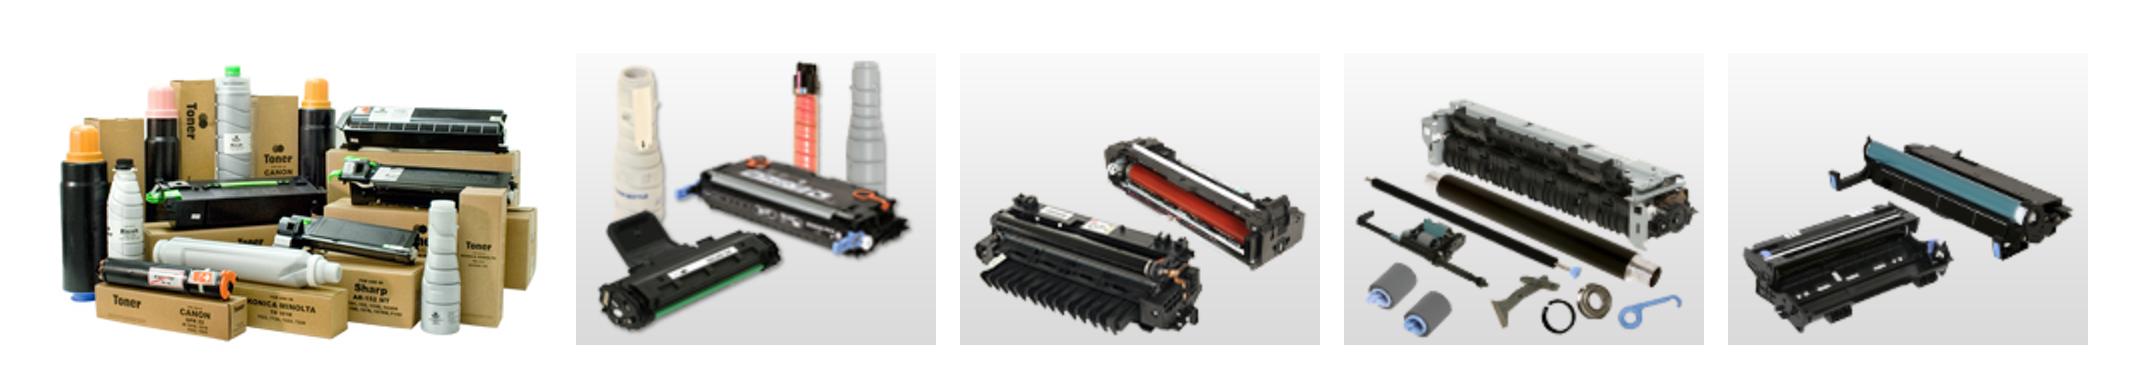 copier_supplies.jpg